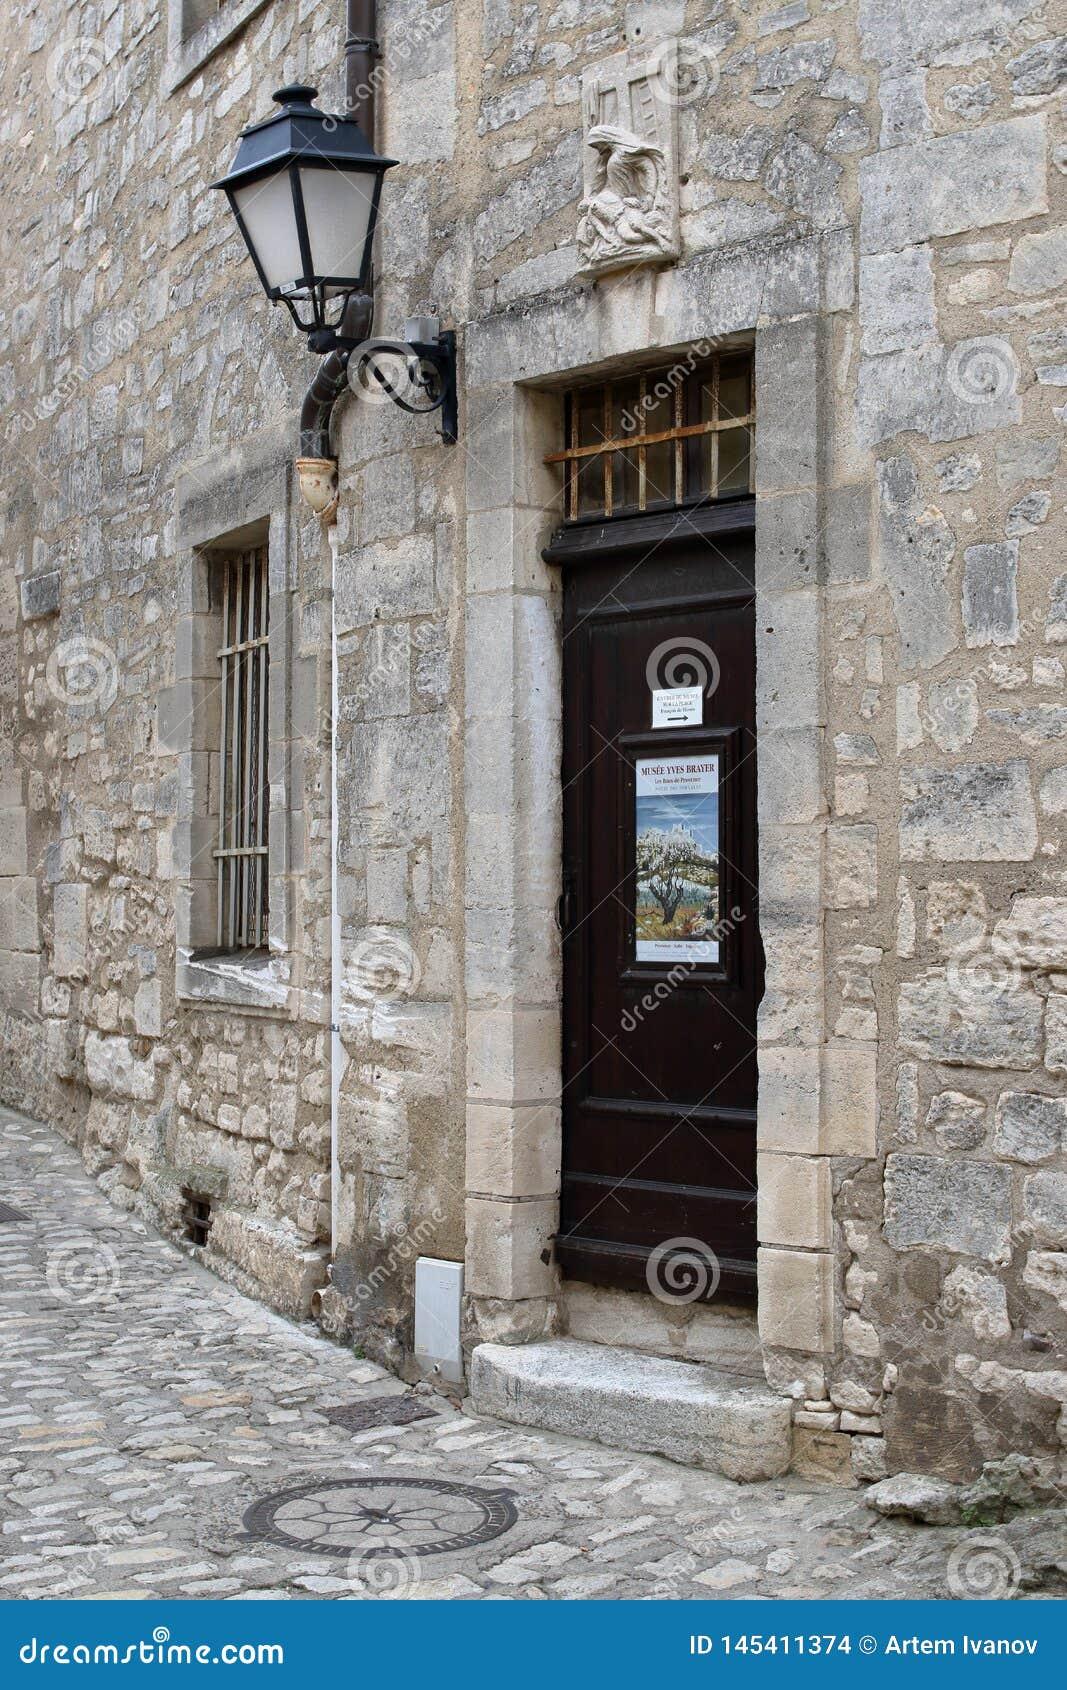 Een antieke houten deur, een ijzerlantaarn en een beeldhouwwerk Pietà boven de deur